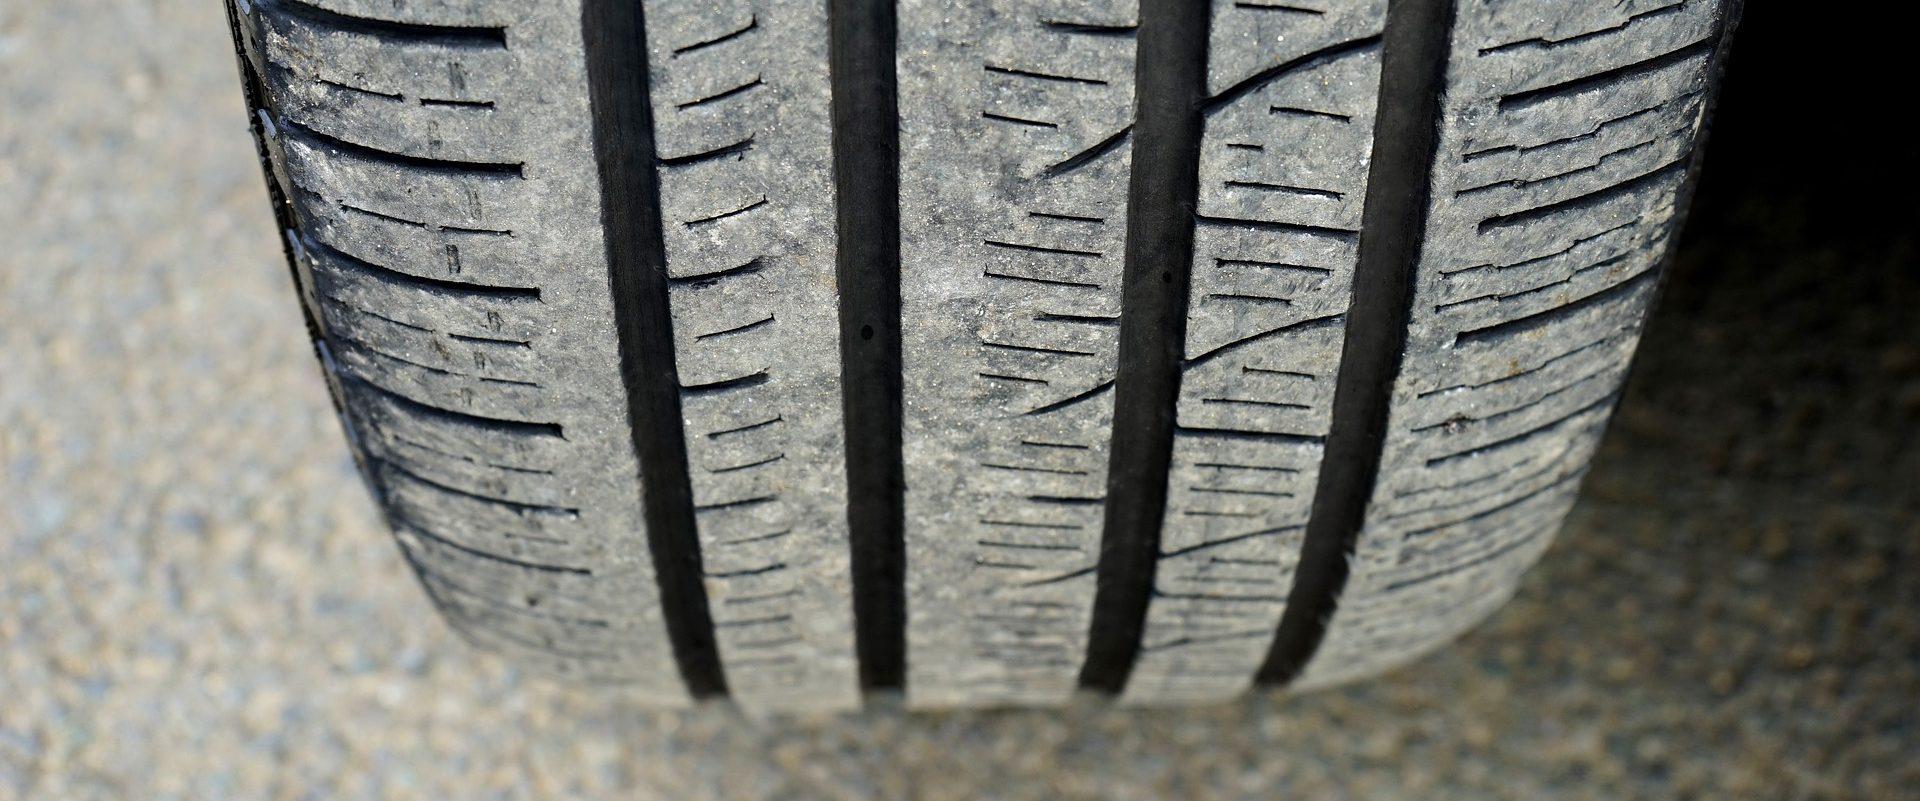 Jak spolehlivě určit hloubku dezénu pneumatiky?